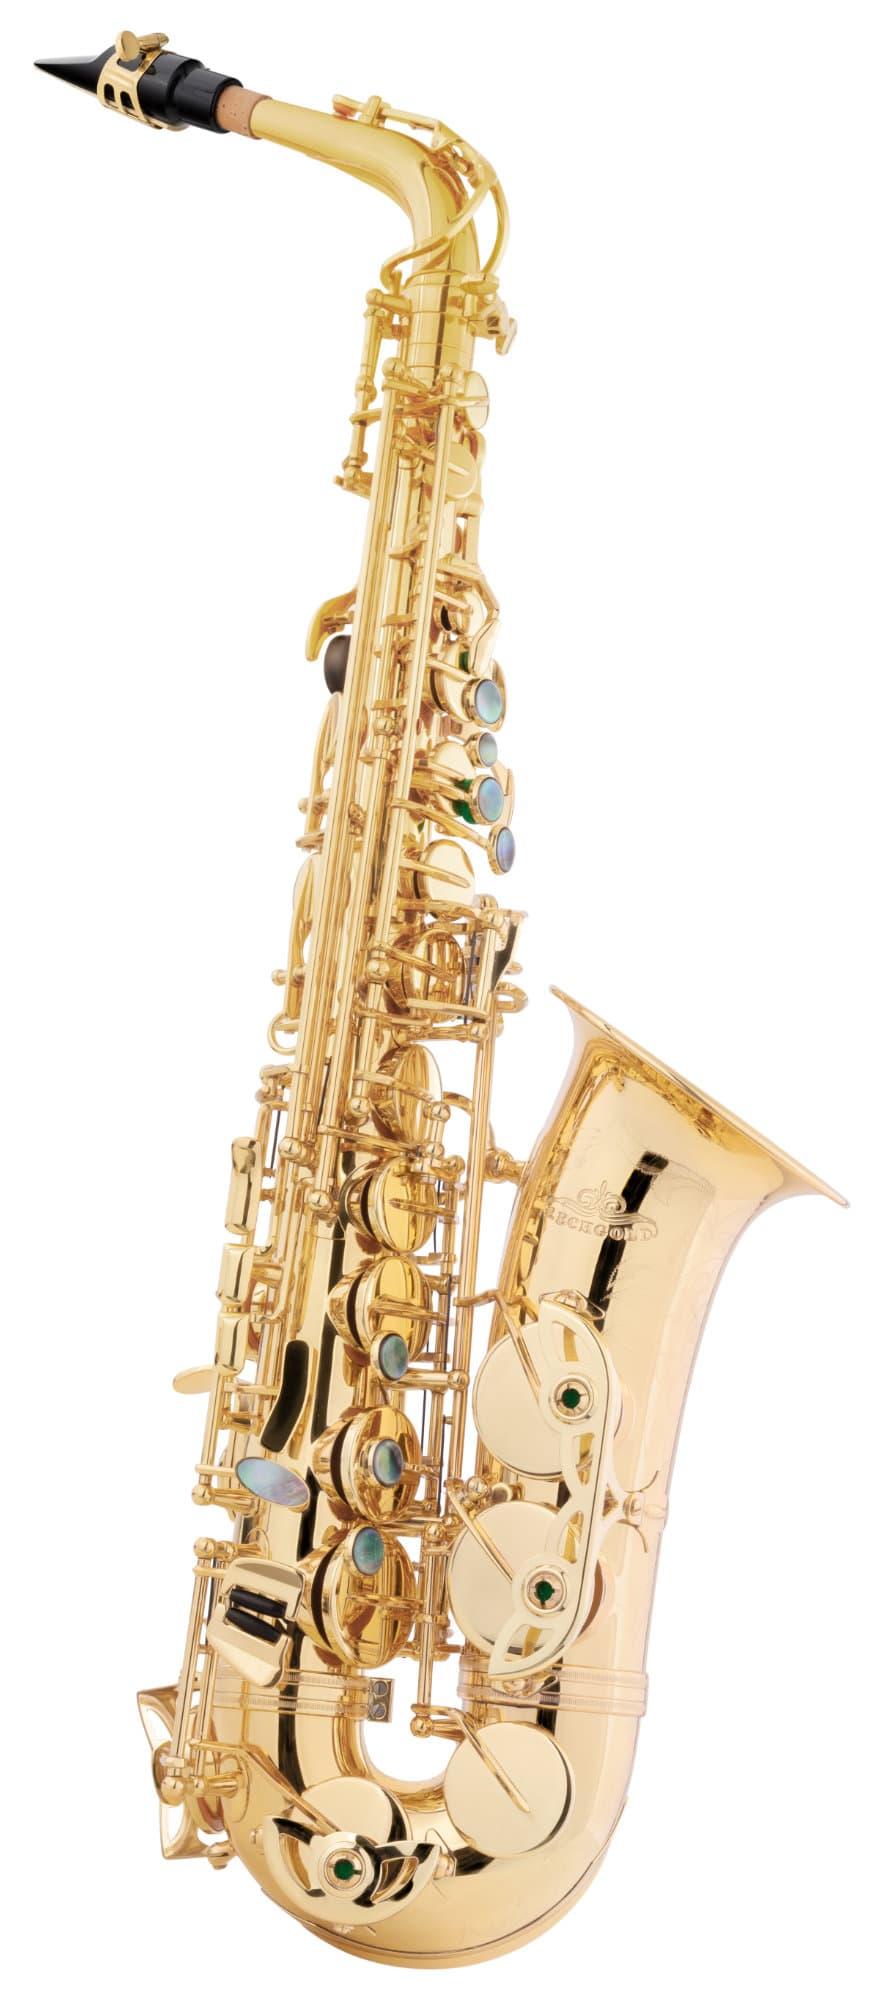 Saxophone - Lechgold LAS 20L Alt Saxophon lackiert - Onlineshop Musikhaus Kirstein